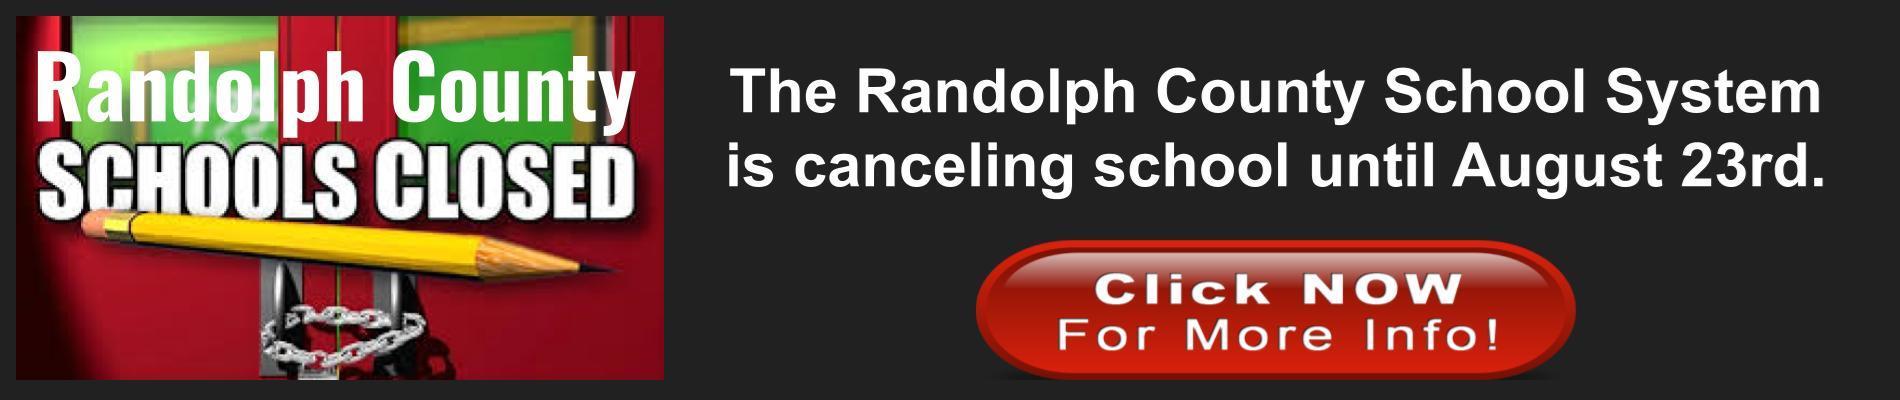 School Closed This Week